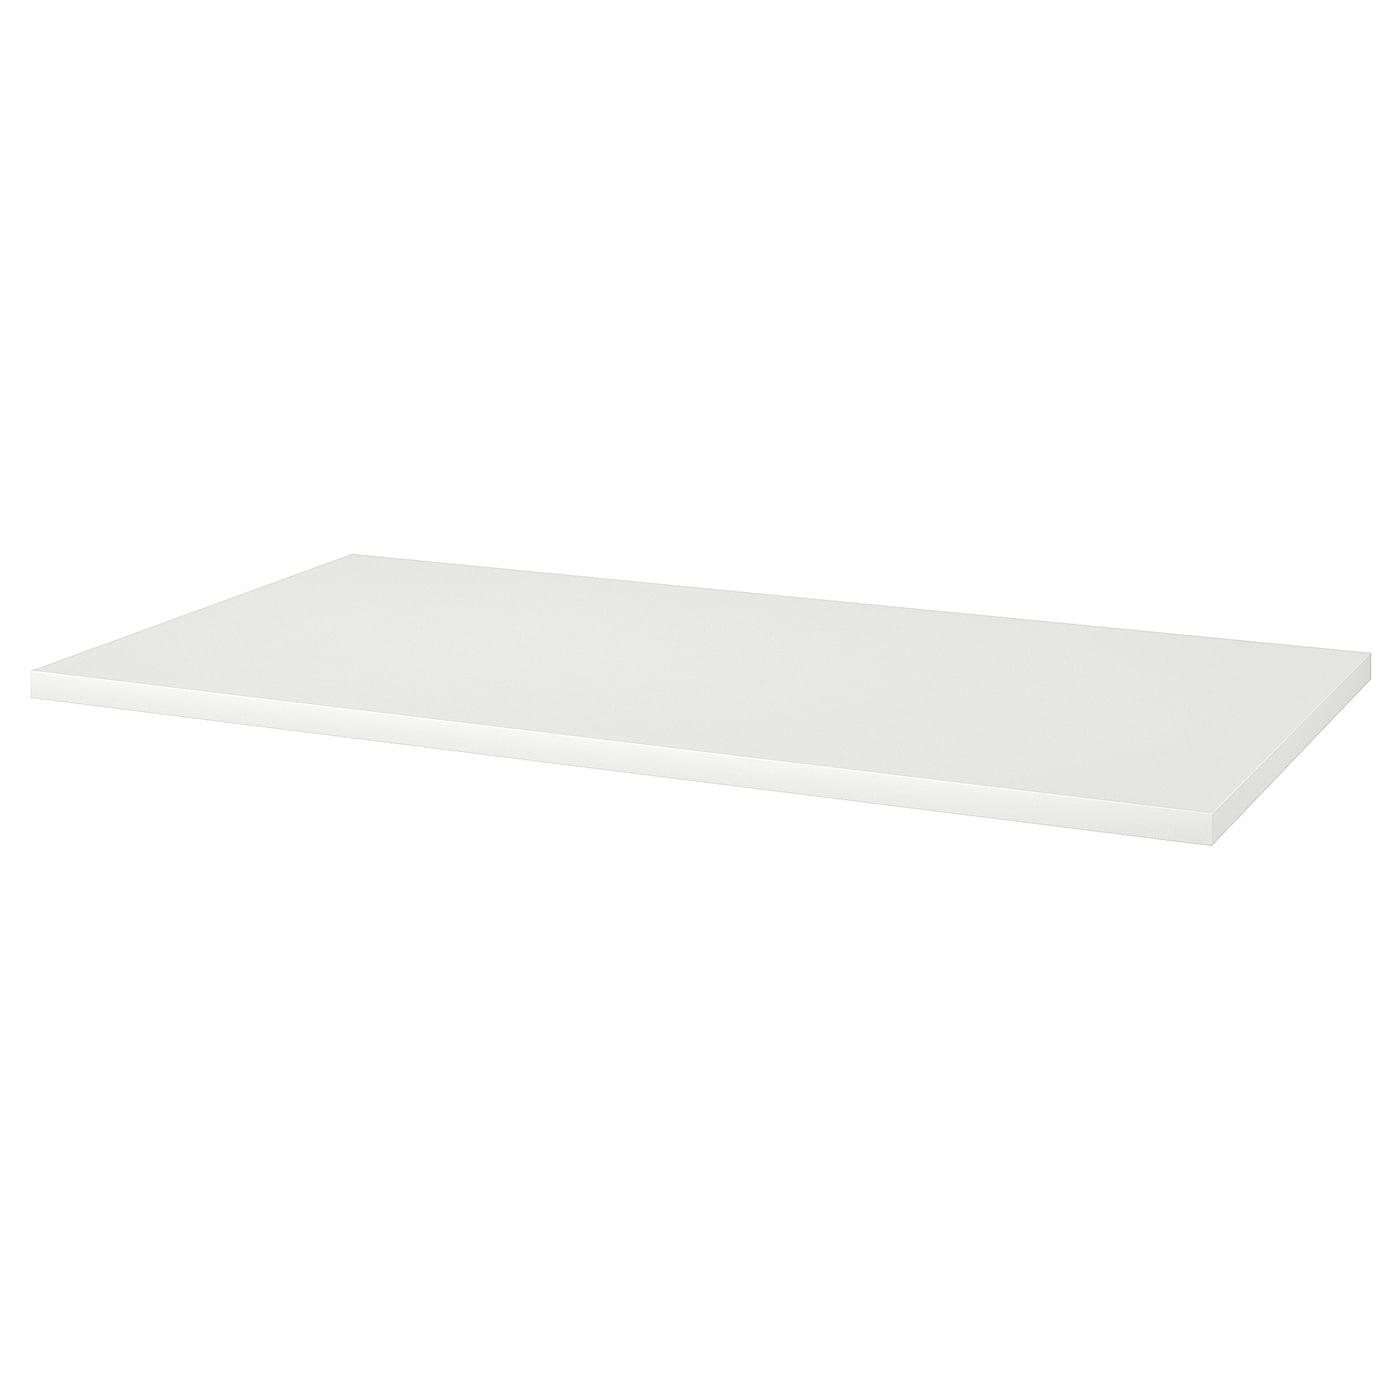 LINNMON Tischplatte - weiß 150x75 cm